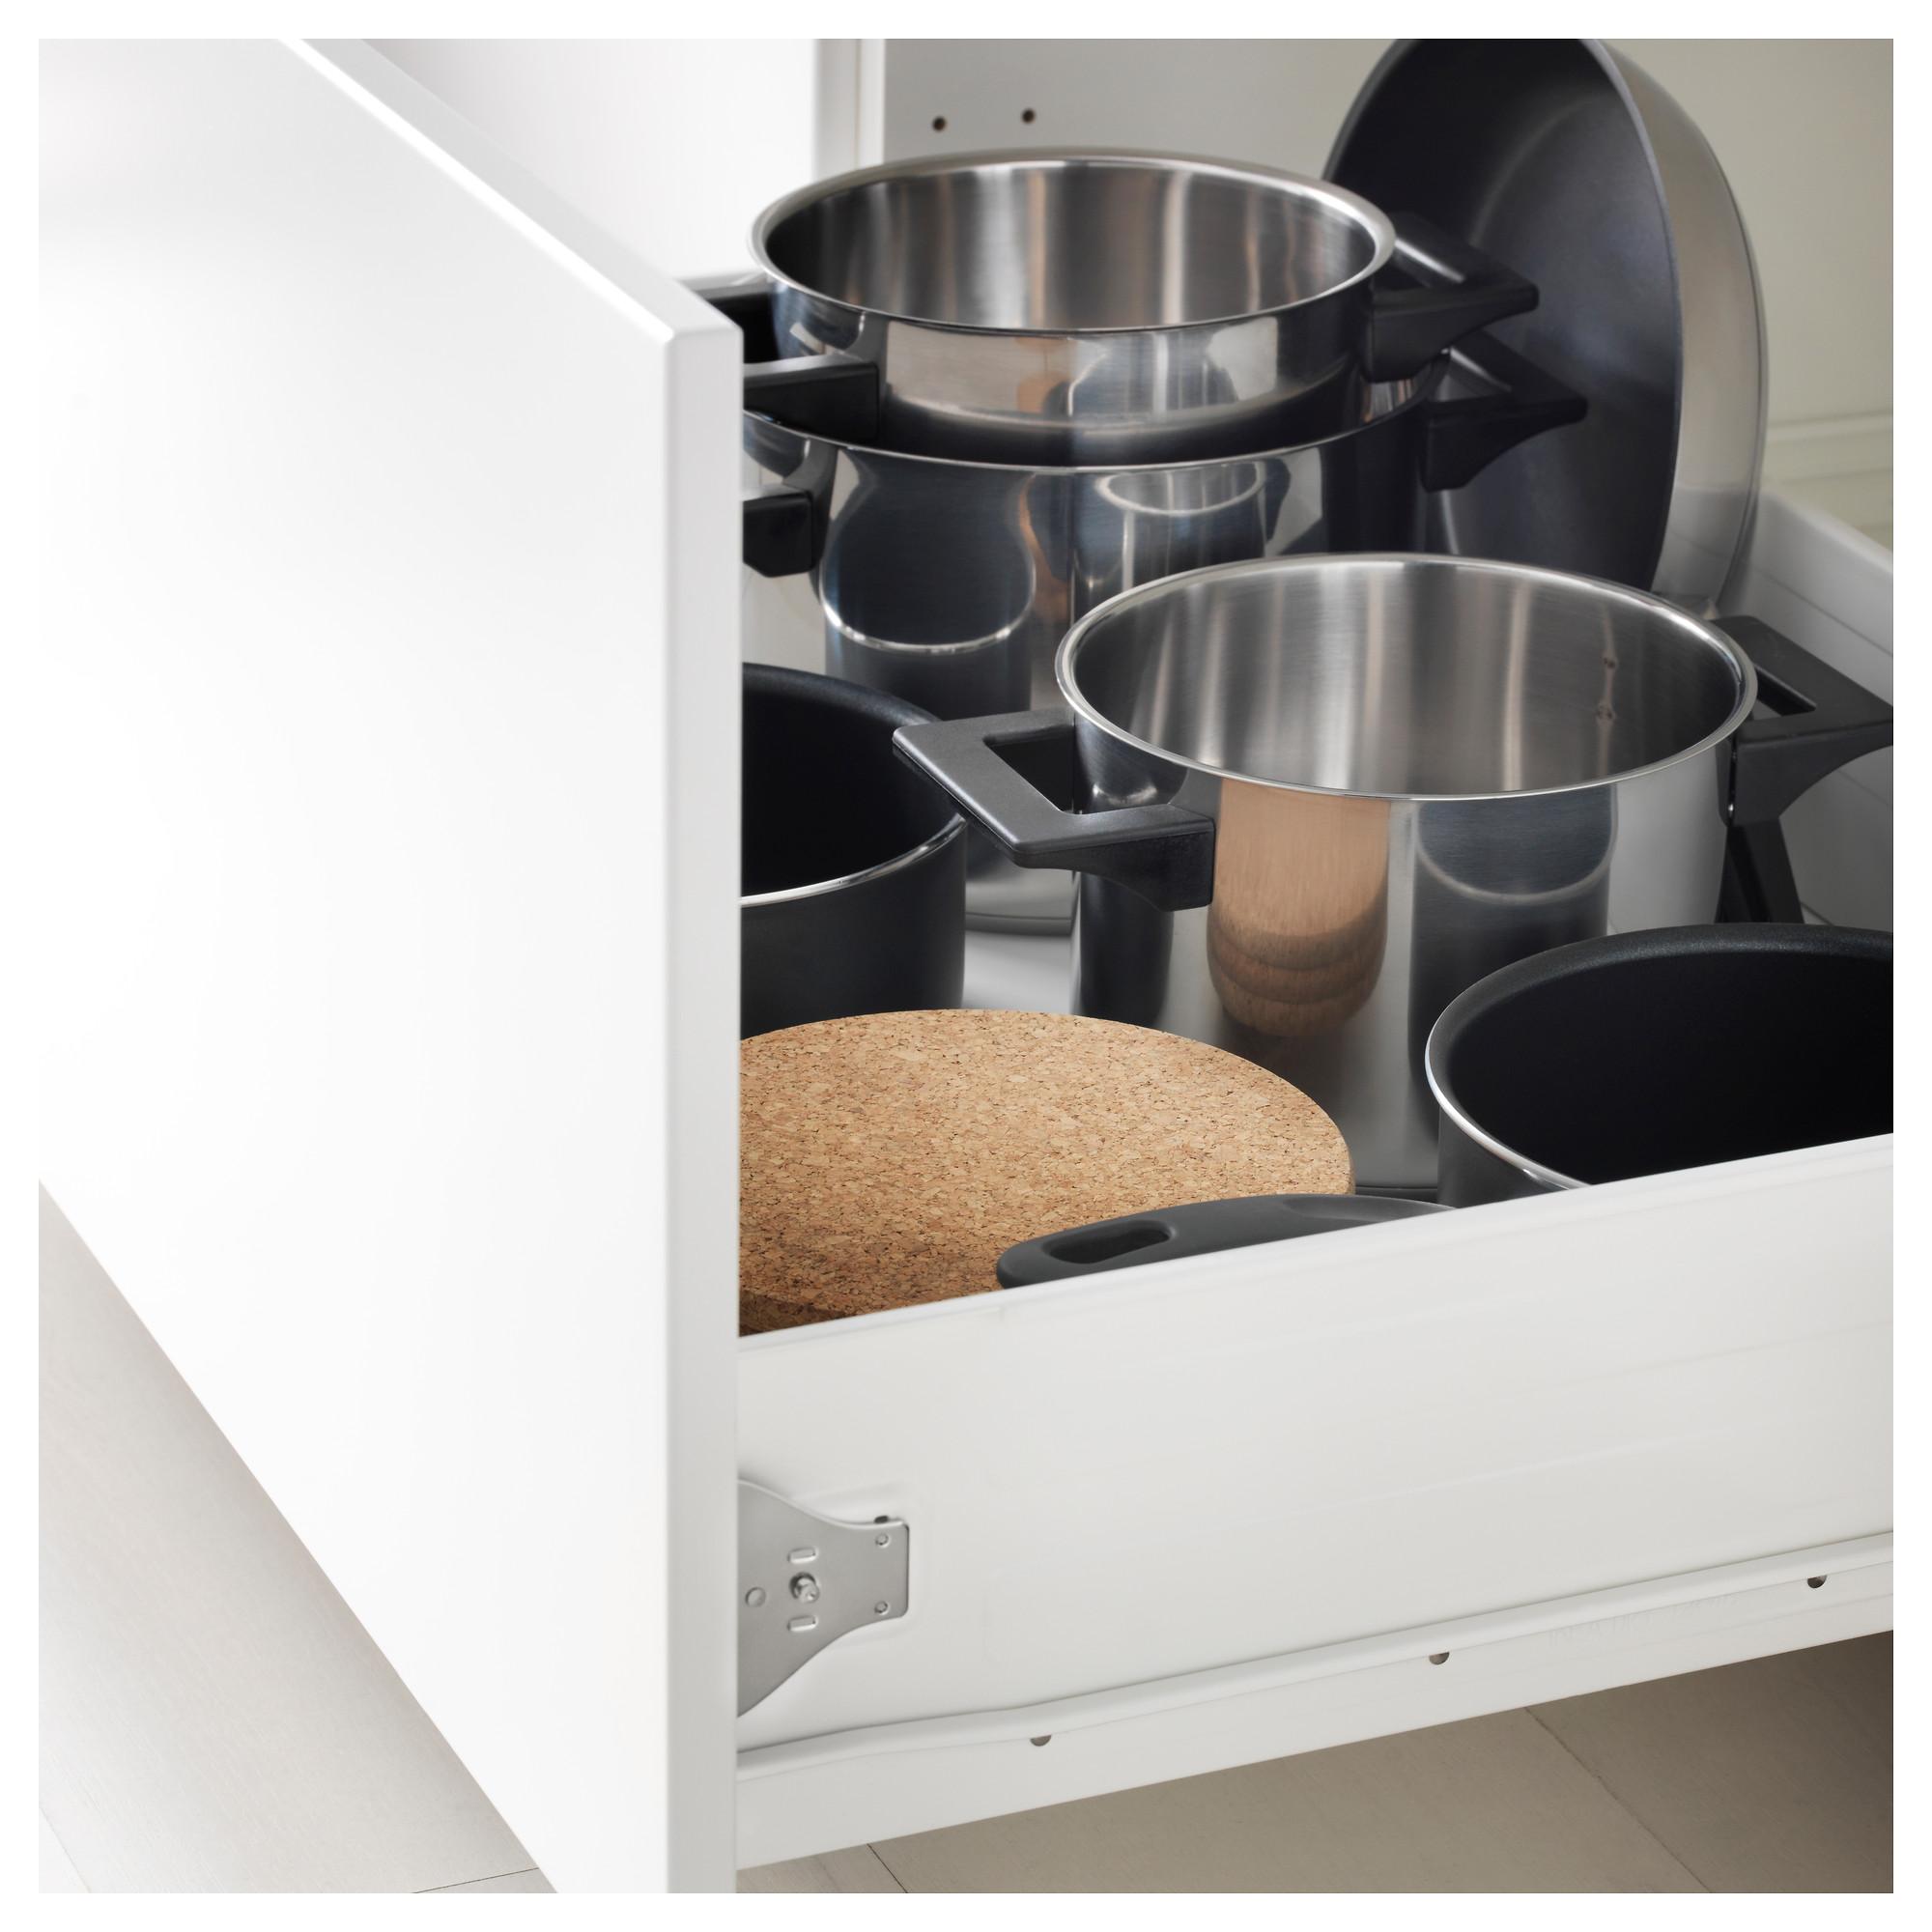 Напольный шкаф, 2 фронтальных панели, 3 ящика МЕТОД / ФОРВАРА черный артикуль № 692.617.02 в наличии. Онлайн каталог IKEA РБ. Недорогая доставка и соборка.